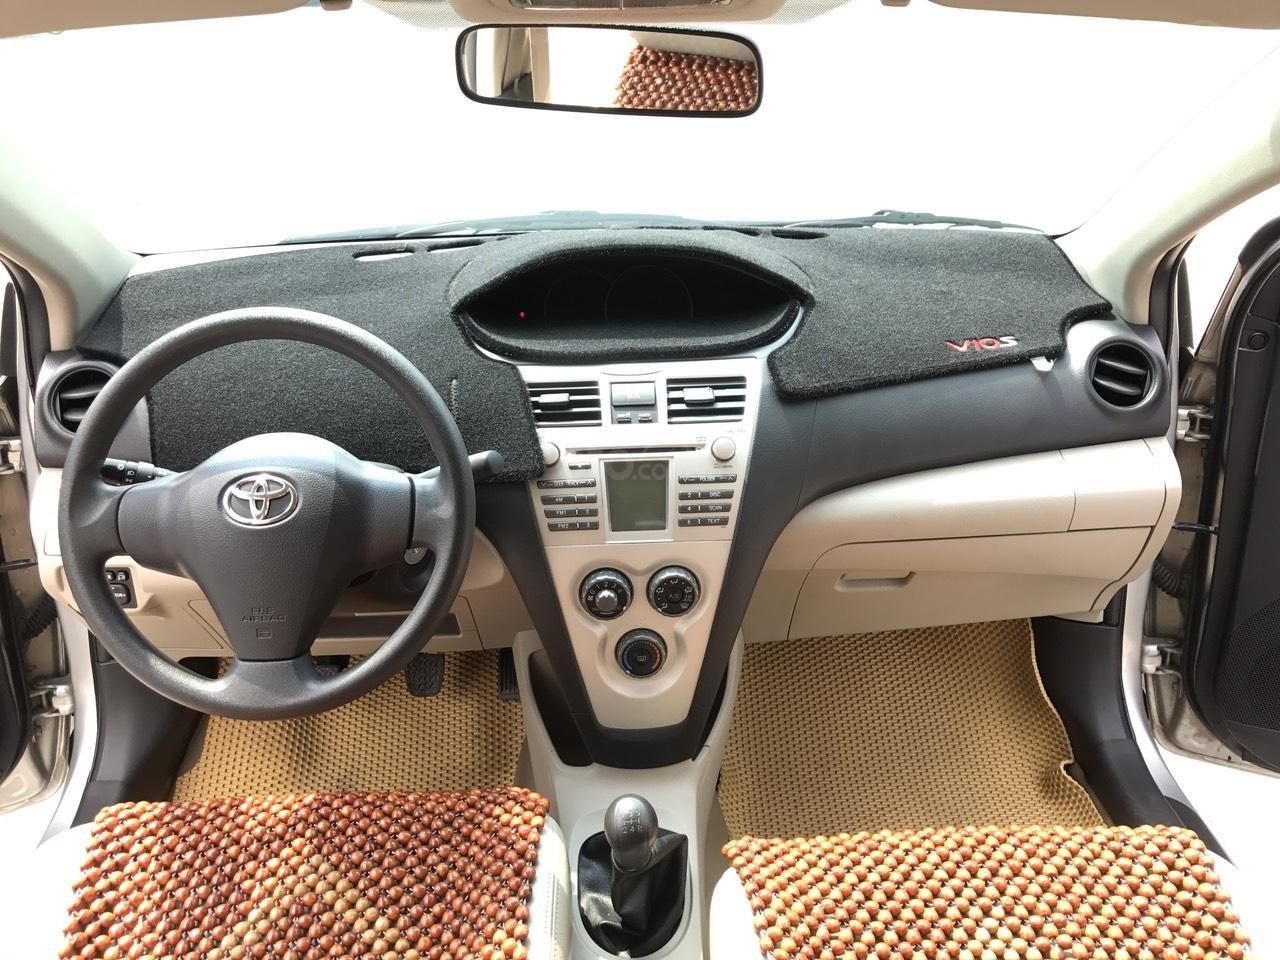 Bán xe Toyota Vios 1.5E đời 2010, màu bạc, nói không với lỗi nhỏ taxi, động chạm máy móc (5)